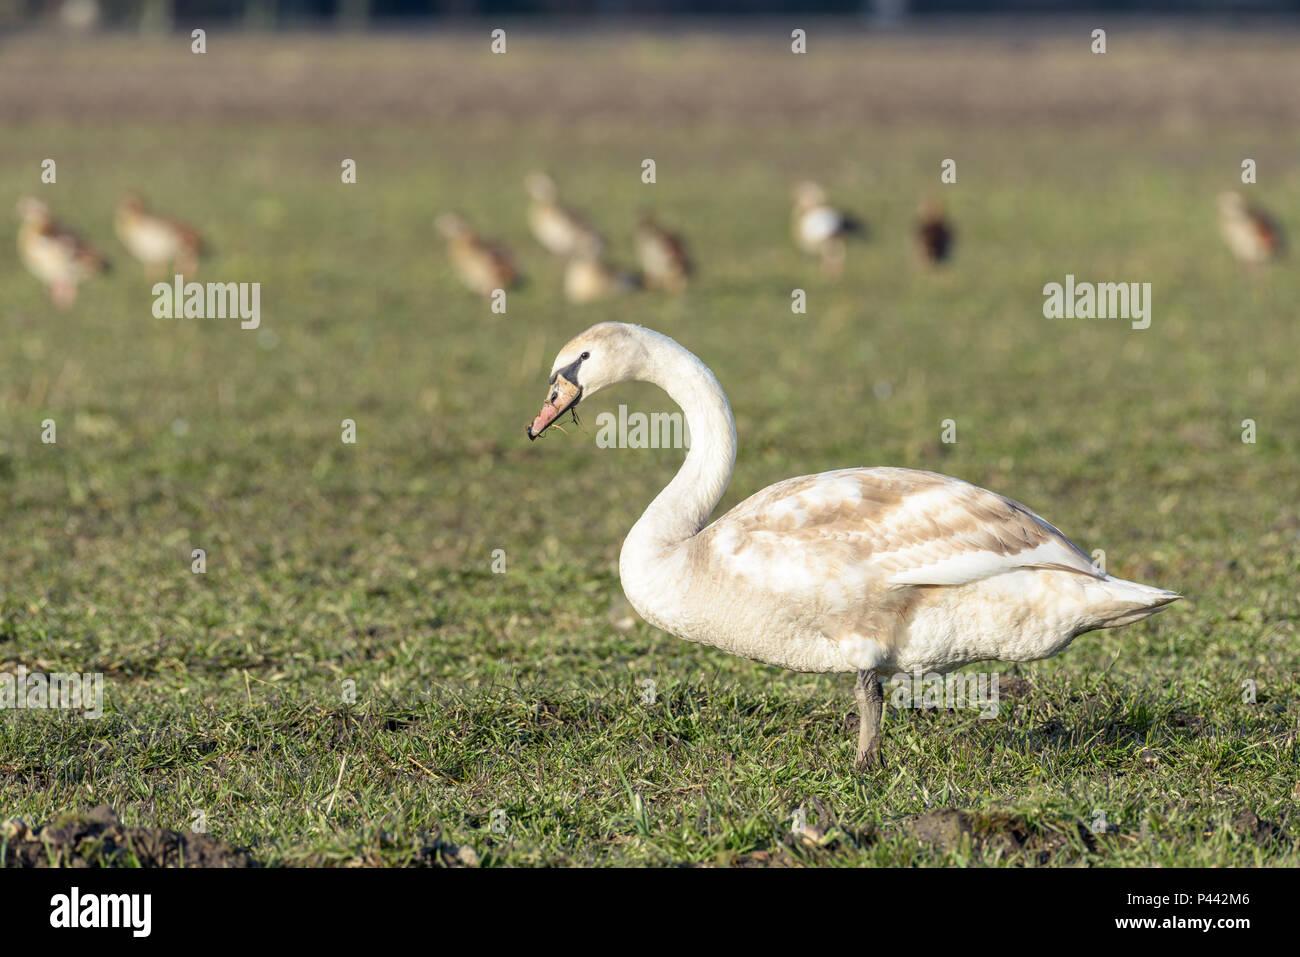 En profil Porträt einer jungen Höckerschwan stehend in ein Feld an einem sonnigen Tag im Winter. Der Schwan ist aufmerksam und beobachten. Im Hintergrund sind so Stockbild